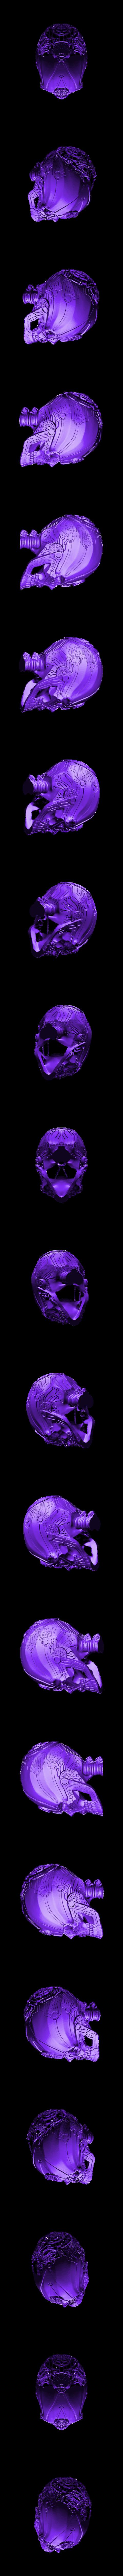 Aspartame_Skull_Print_4_no_Support.stl Télécharger fichier STL gratuit Aspartame Skull • Plan pour imprimante 3D, mag-net